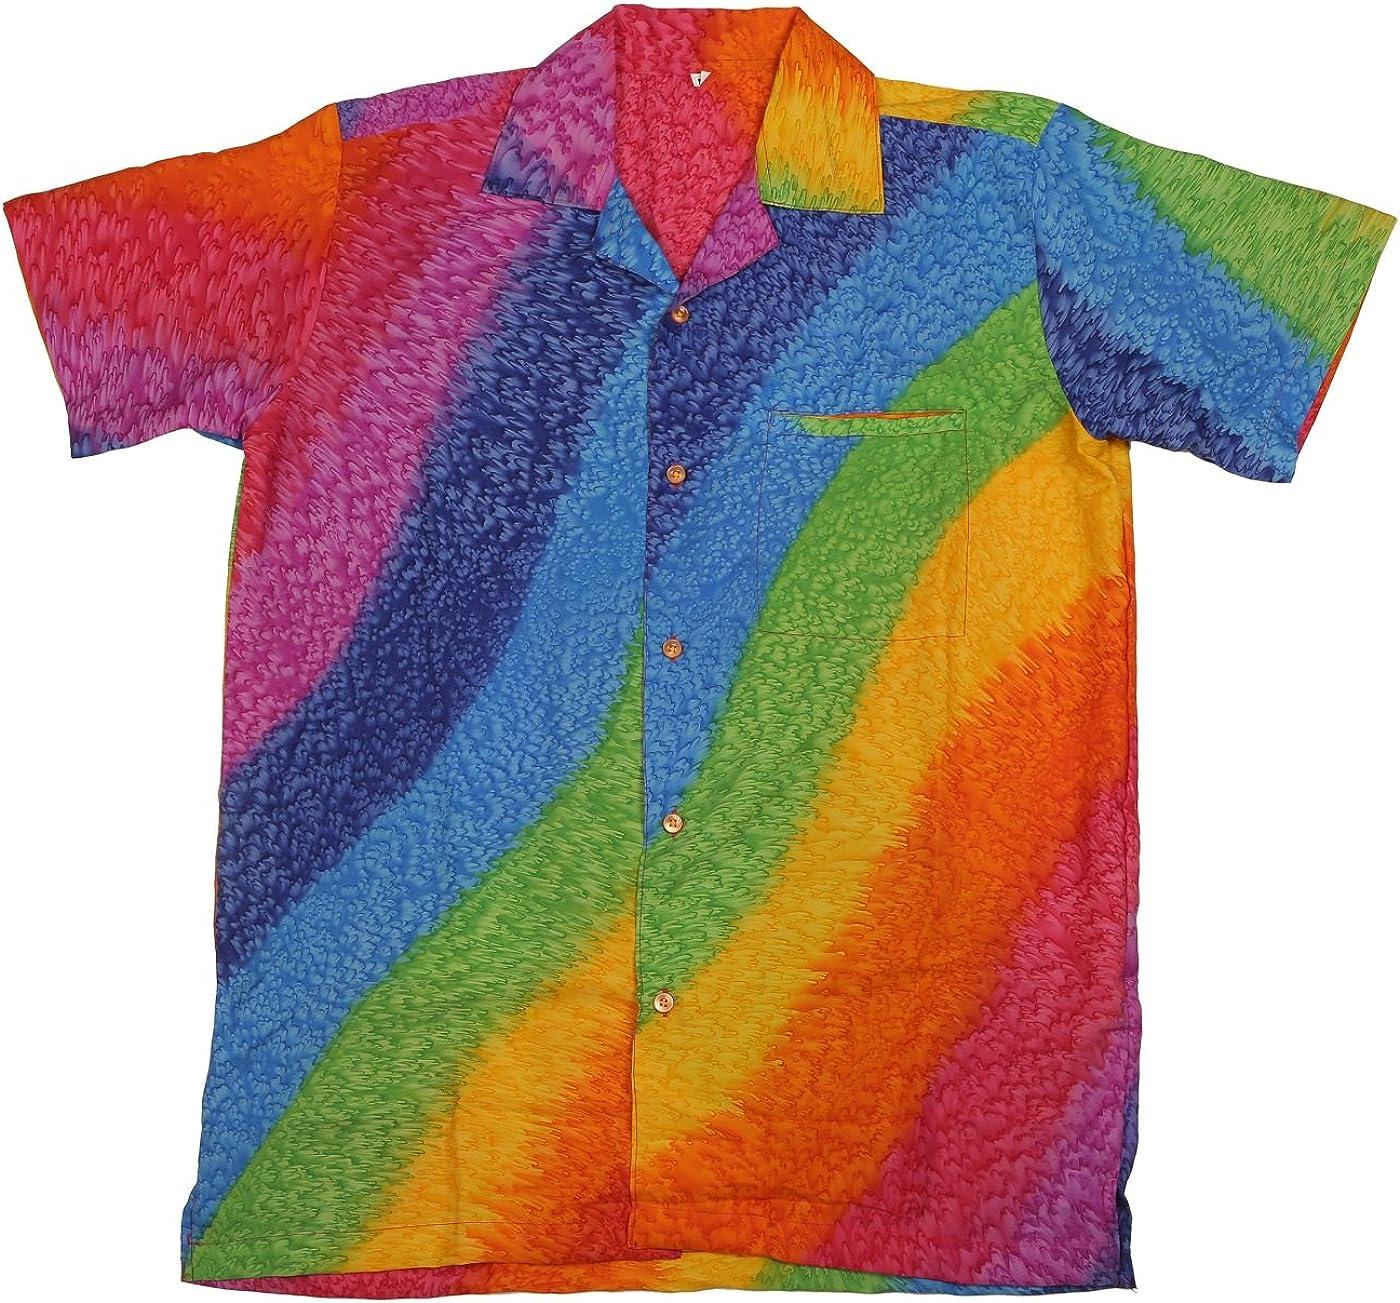 Camisa Hawaiana para Hombre, Estampado de Arcoiris, para la Playa, Fiestas, Verano y Vacaciones - 2XL: Amazon.es: Ropa y accesorios